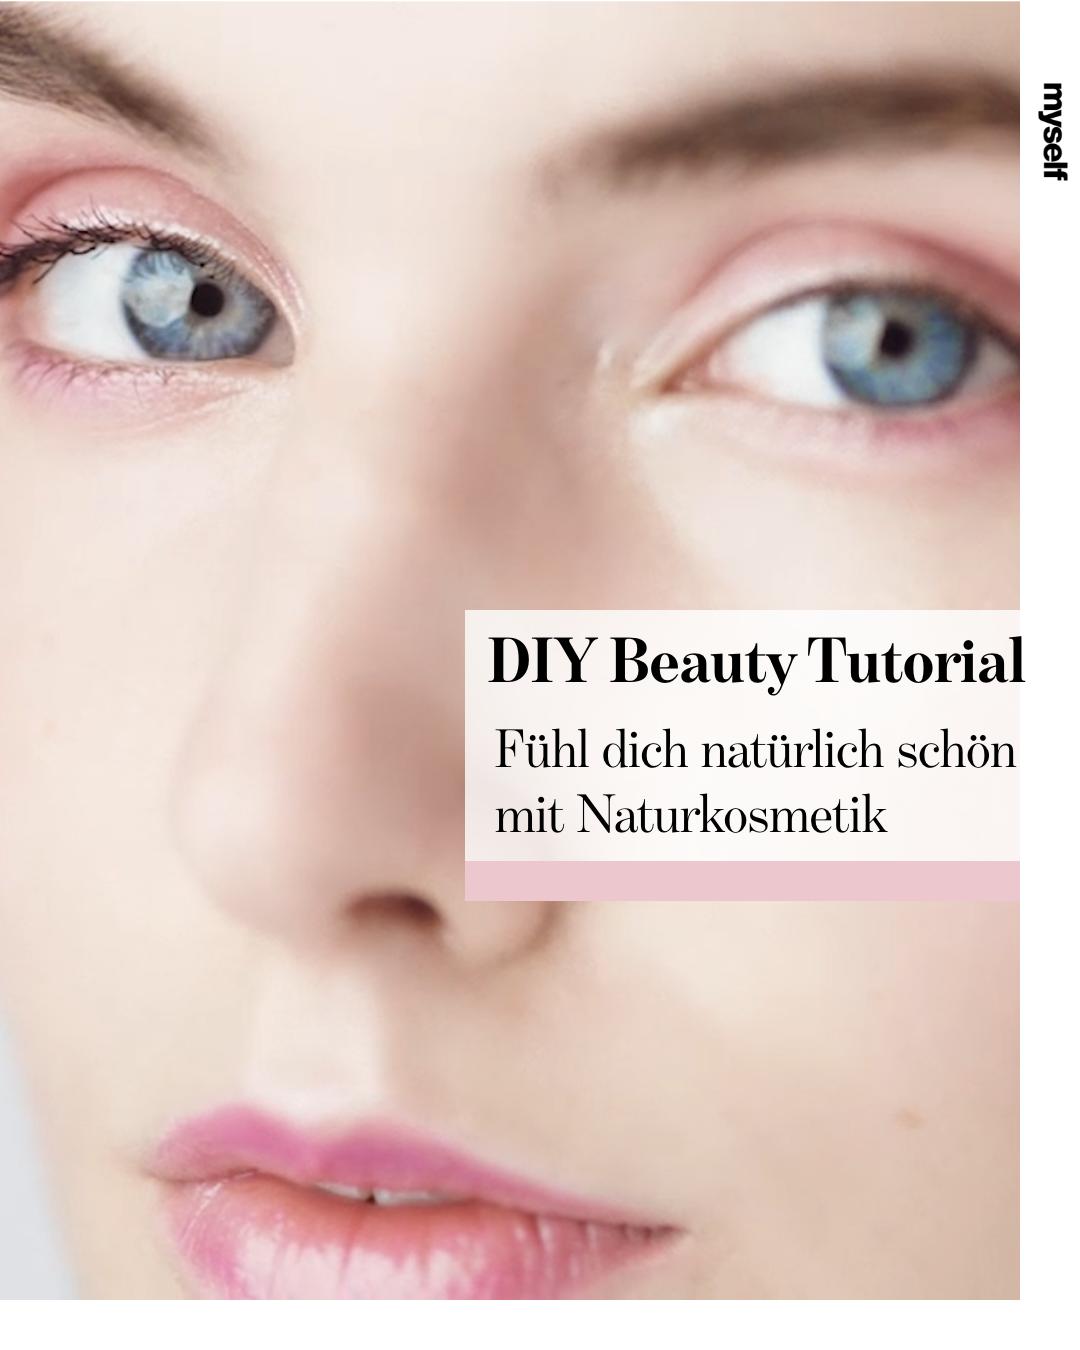 Die meisten Frauen wollen natürlich und gleichzeitig glamourös besser aussehen. Das lässt sich leicht mit ein paar tollen Make-up Tricks erreichen. Diese stellt uns Make-up Artistin Lisa Scharff vor!